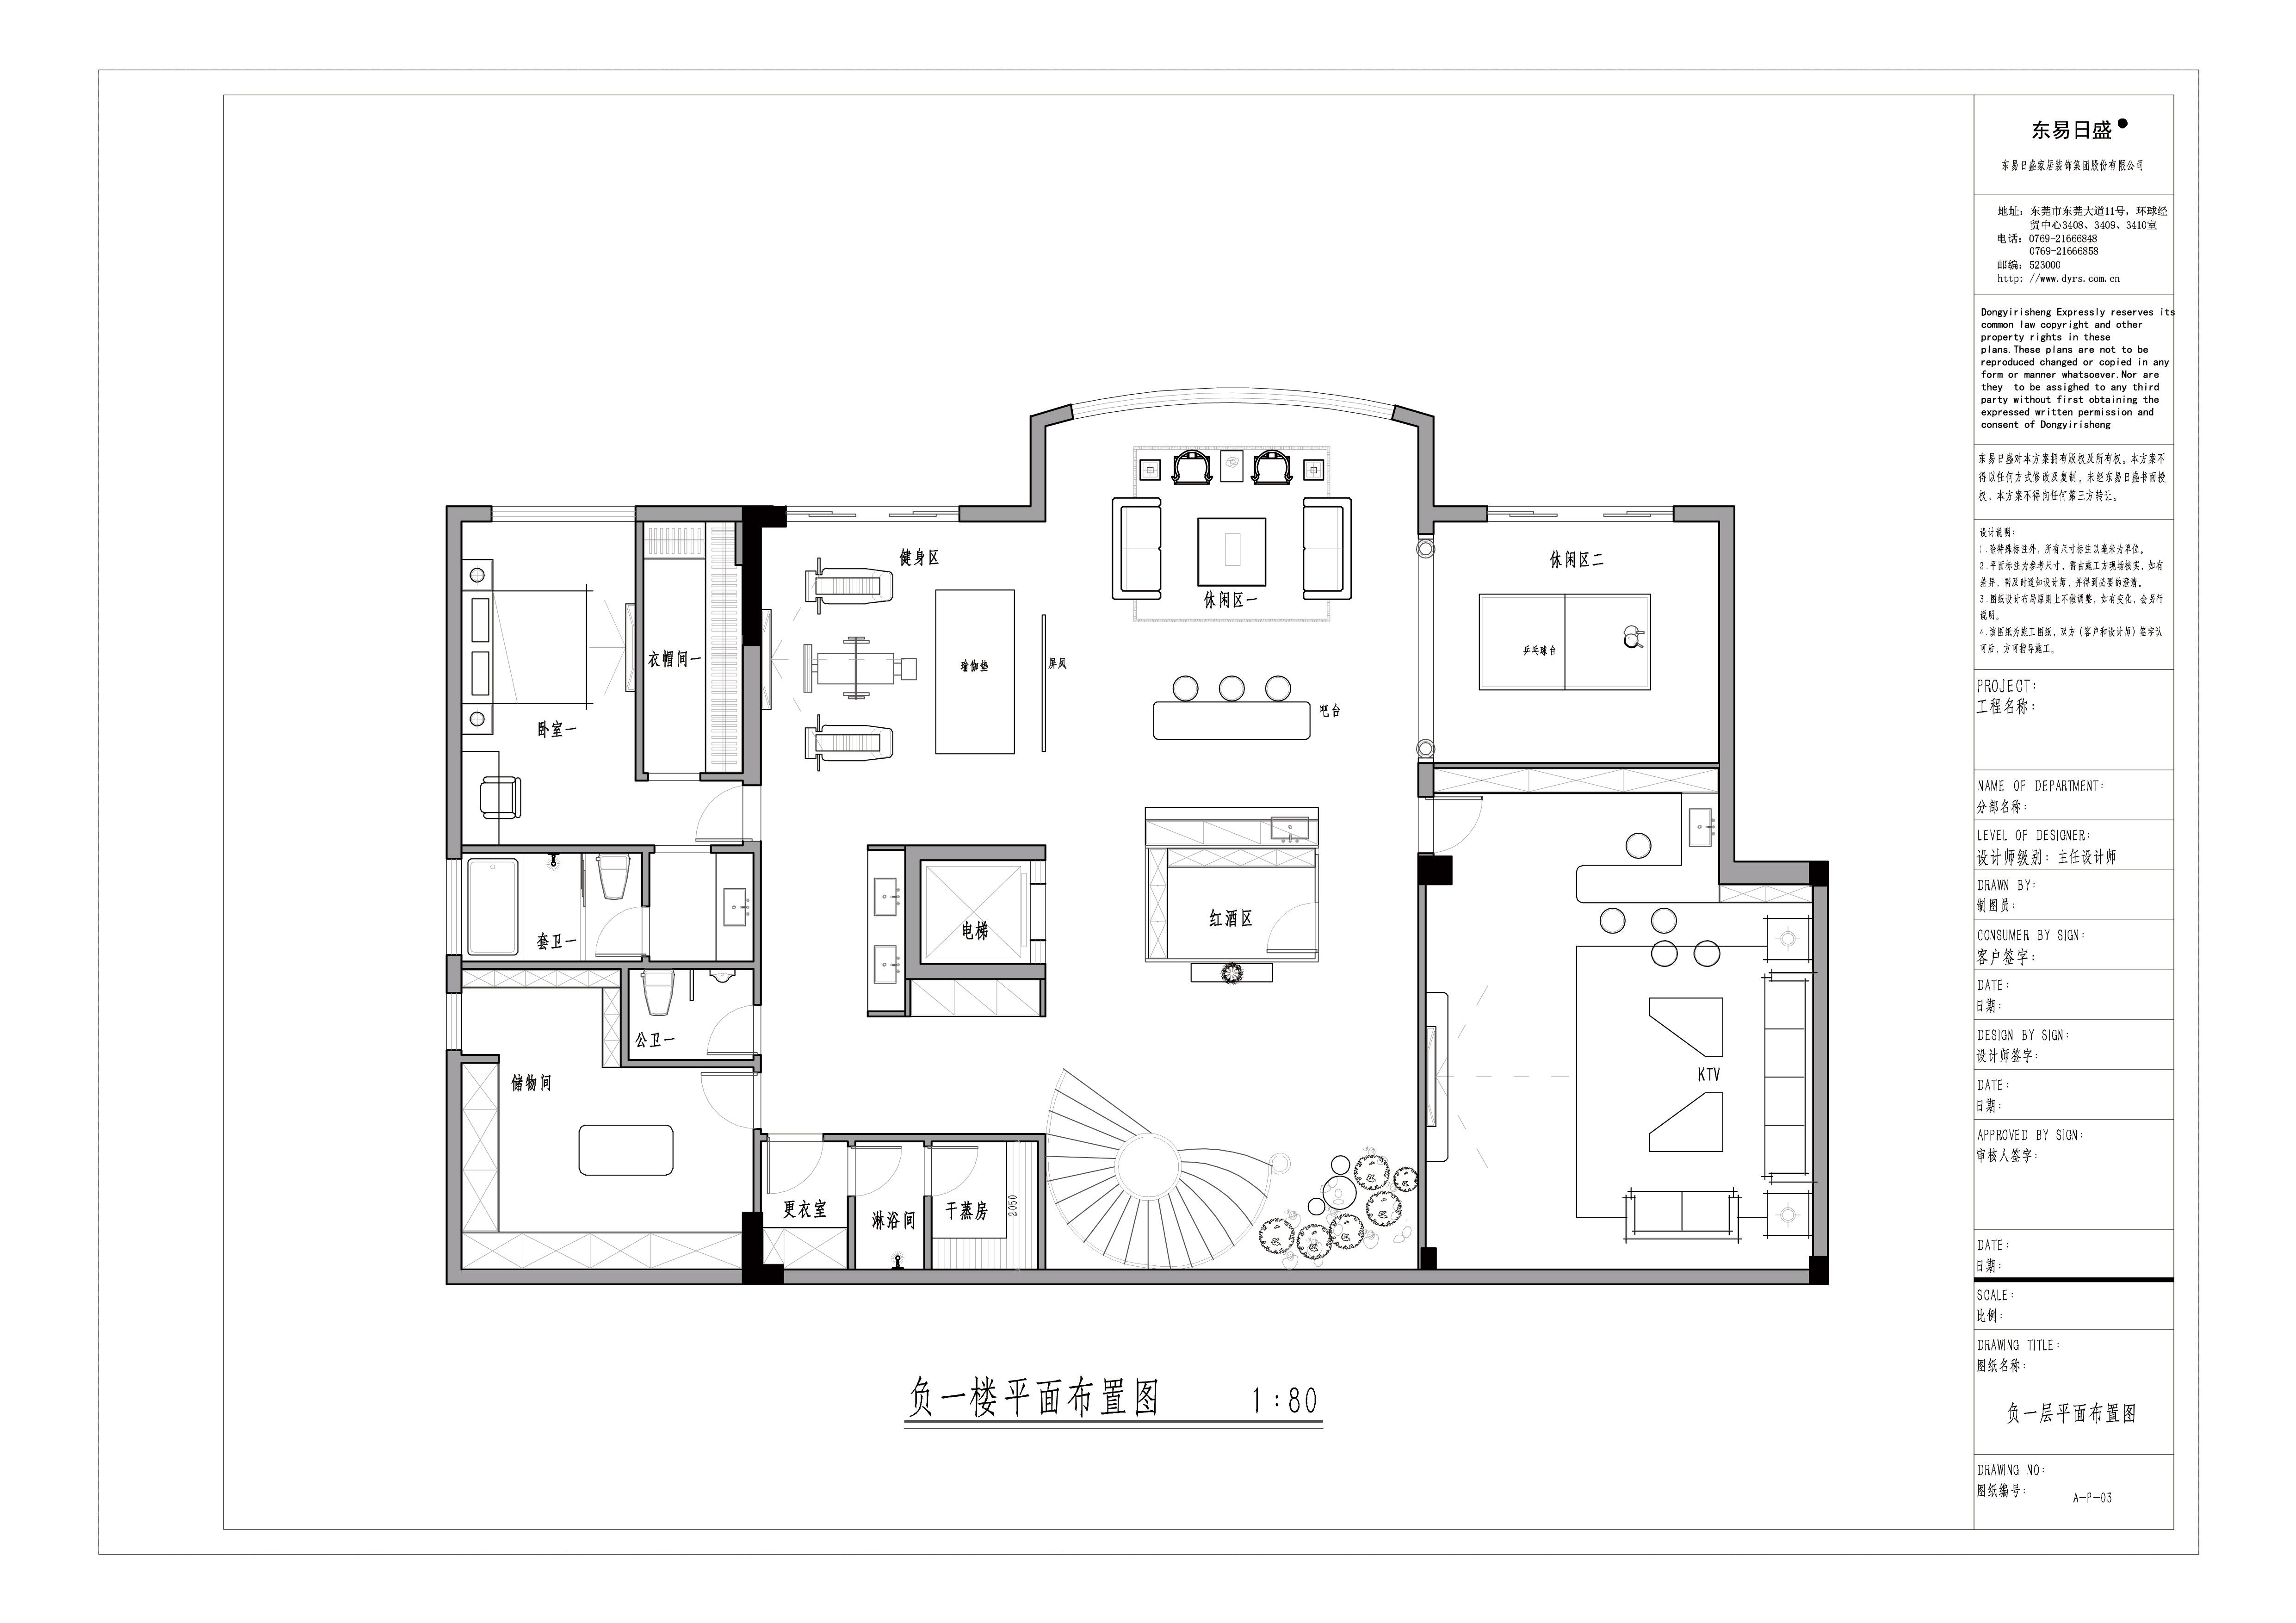 厚街海逸豪庭御峰装修效果图-750㎡别墅新中式混搭美式装修案例装修设计理念